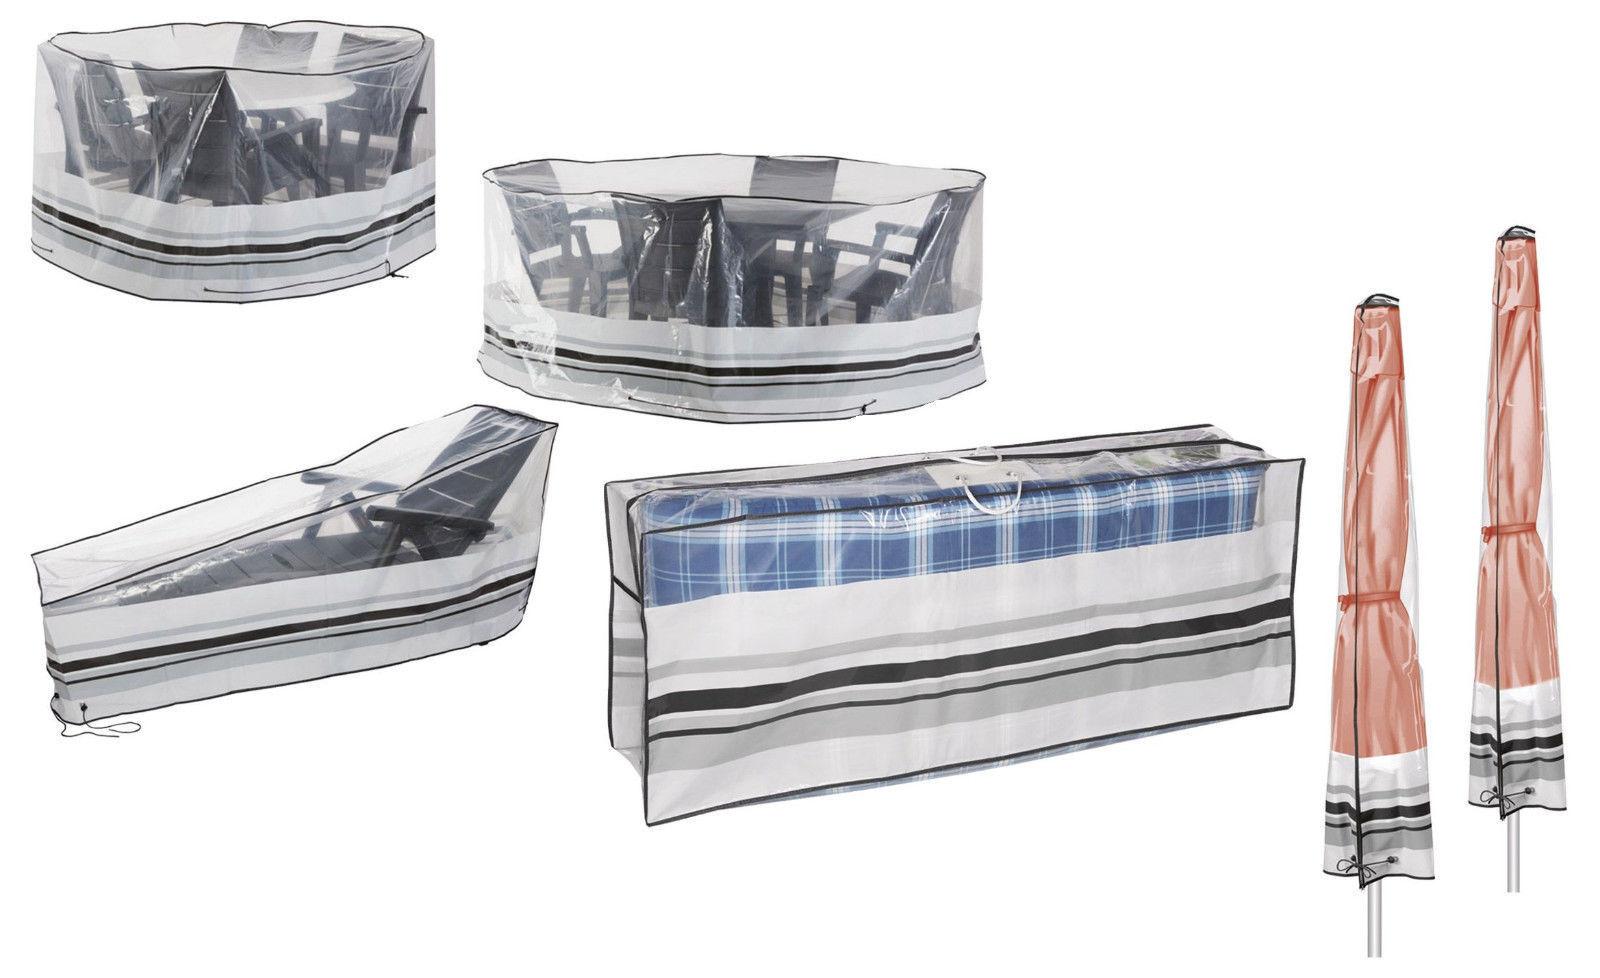 schutzhülle gartenmöbel 2 test vergleich +++ schutzhülle gartenmöbel